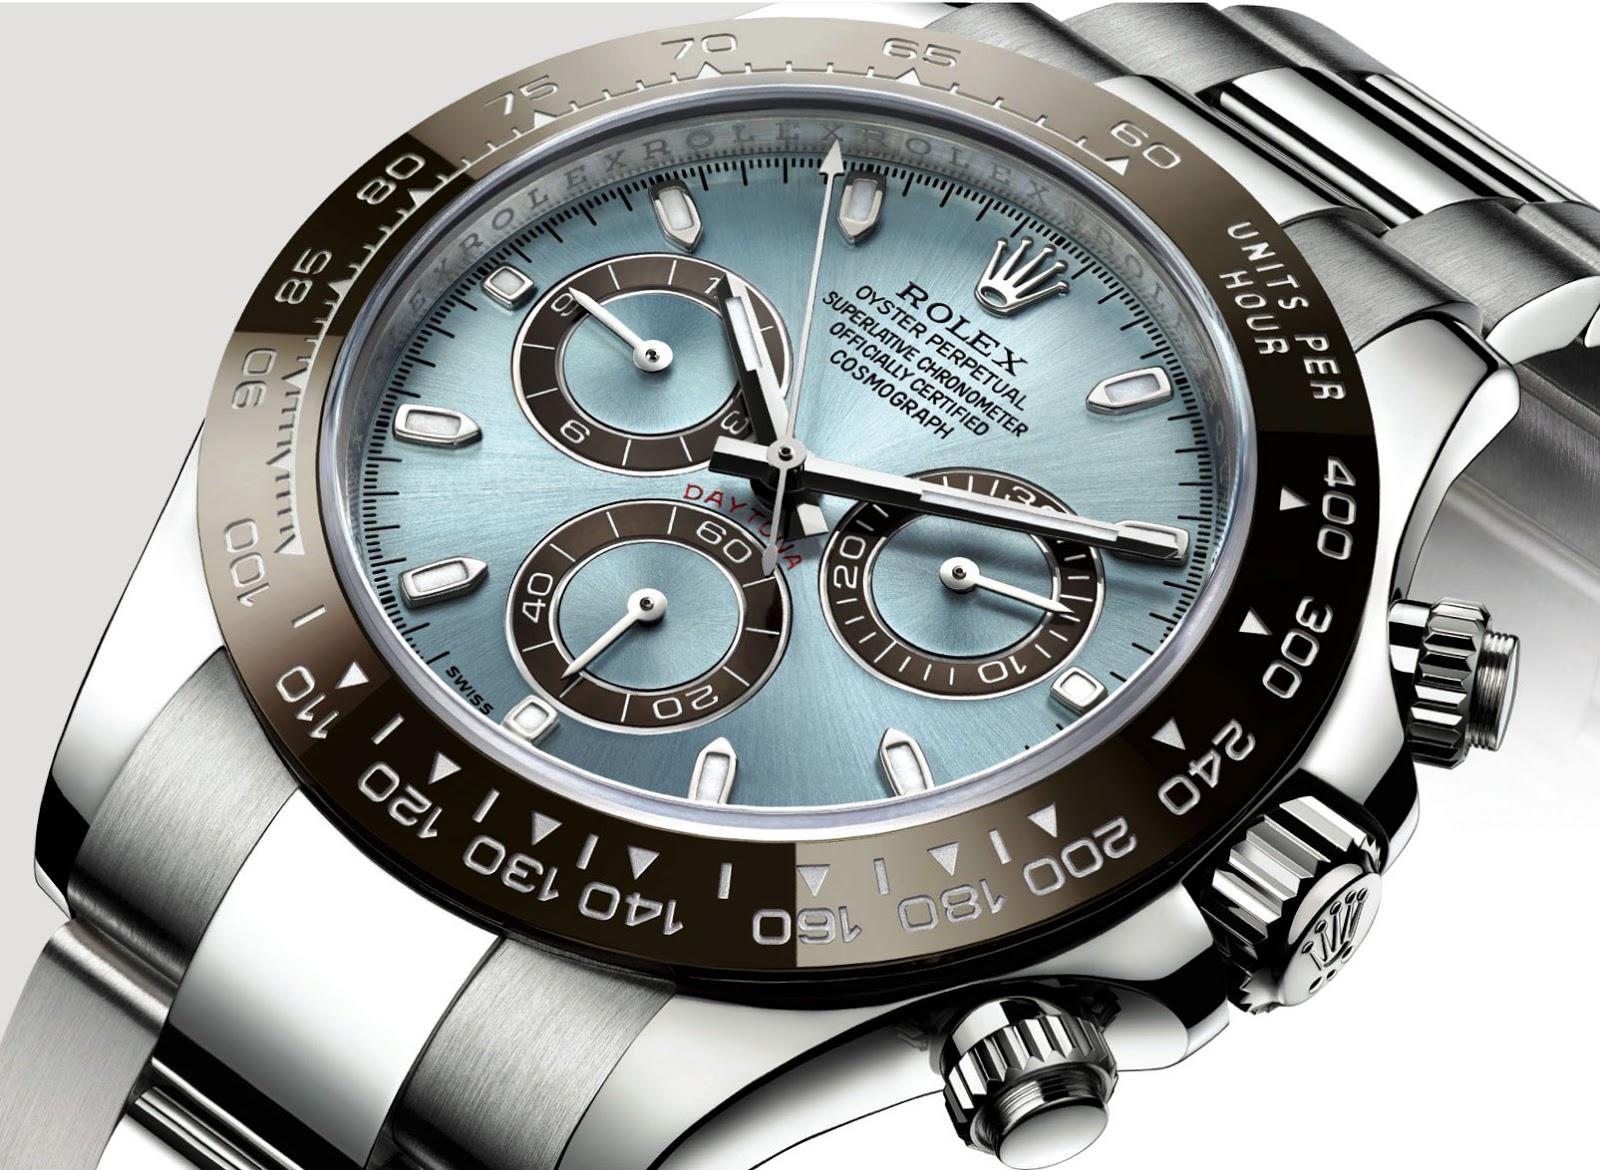 7e423a6332c53 الموديلات العشرة الأبرز في تاريخ صناعة الساعات - جريدة البورصة